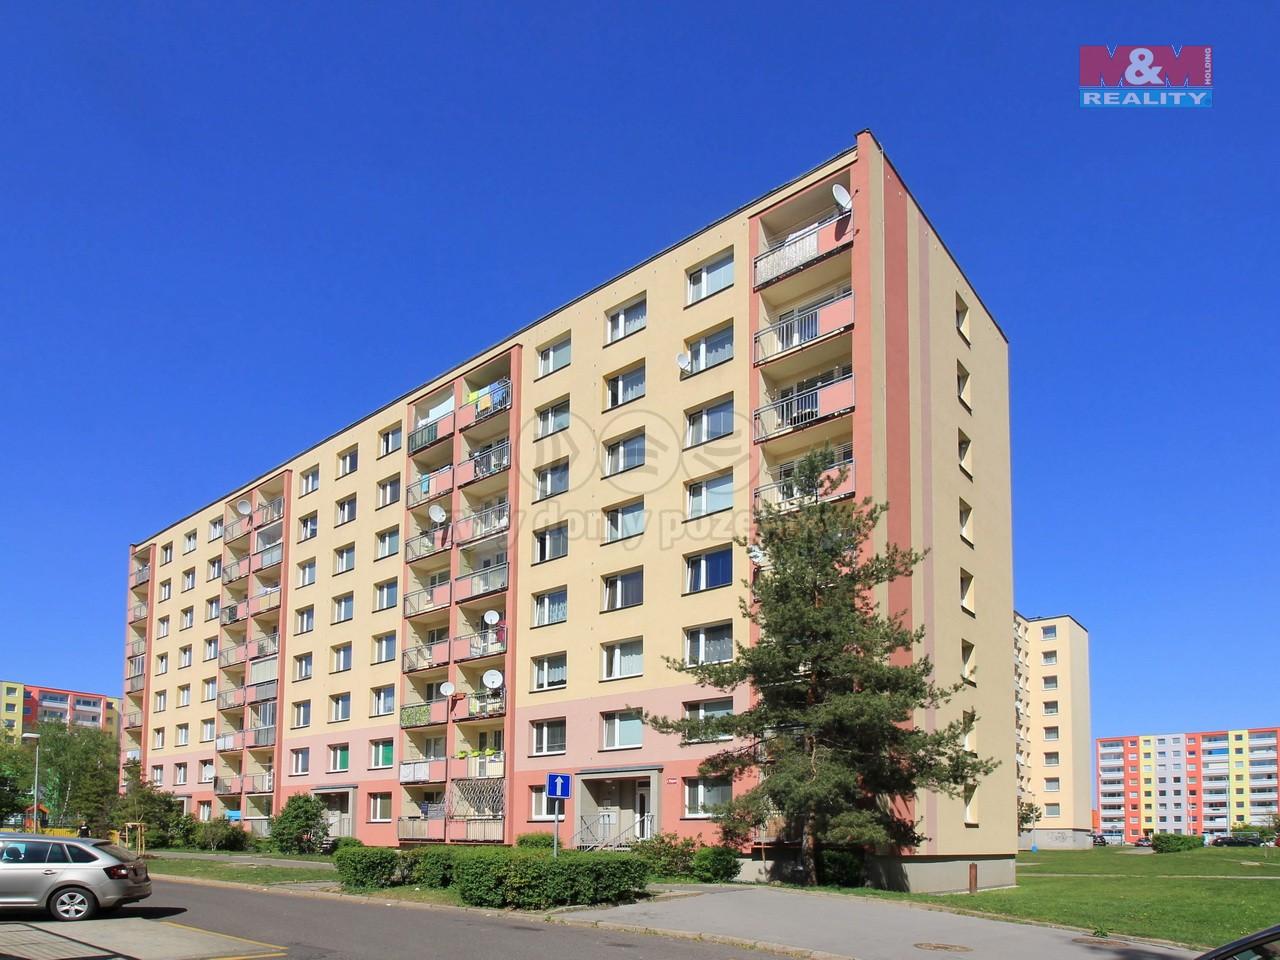 Pronájem, byt 2+1, 68 m2, DV, Teplice, ul. Julia Payera